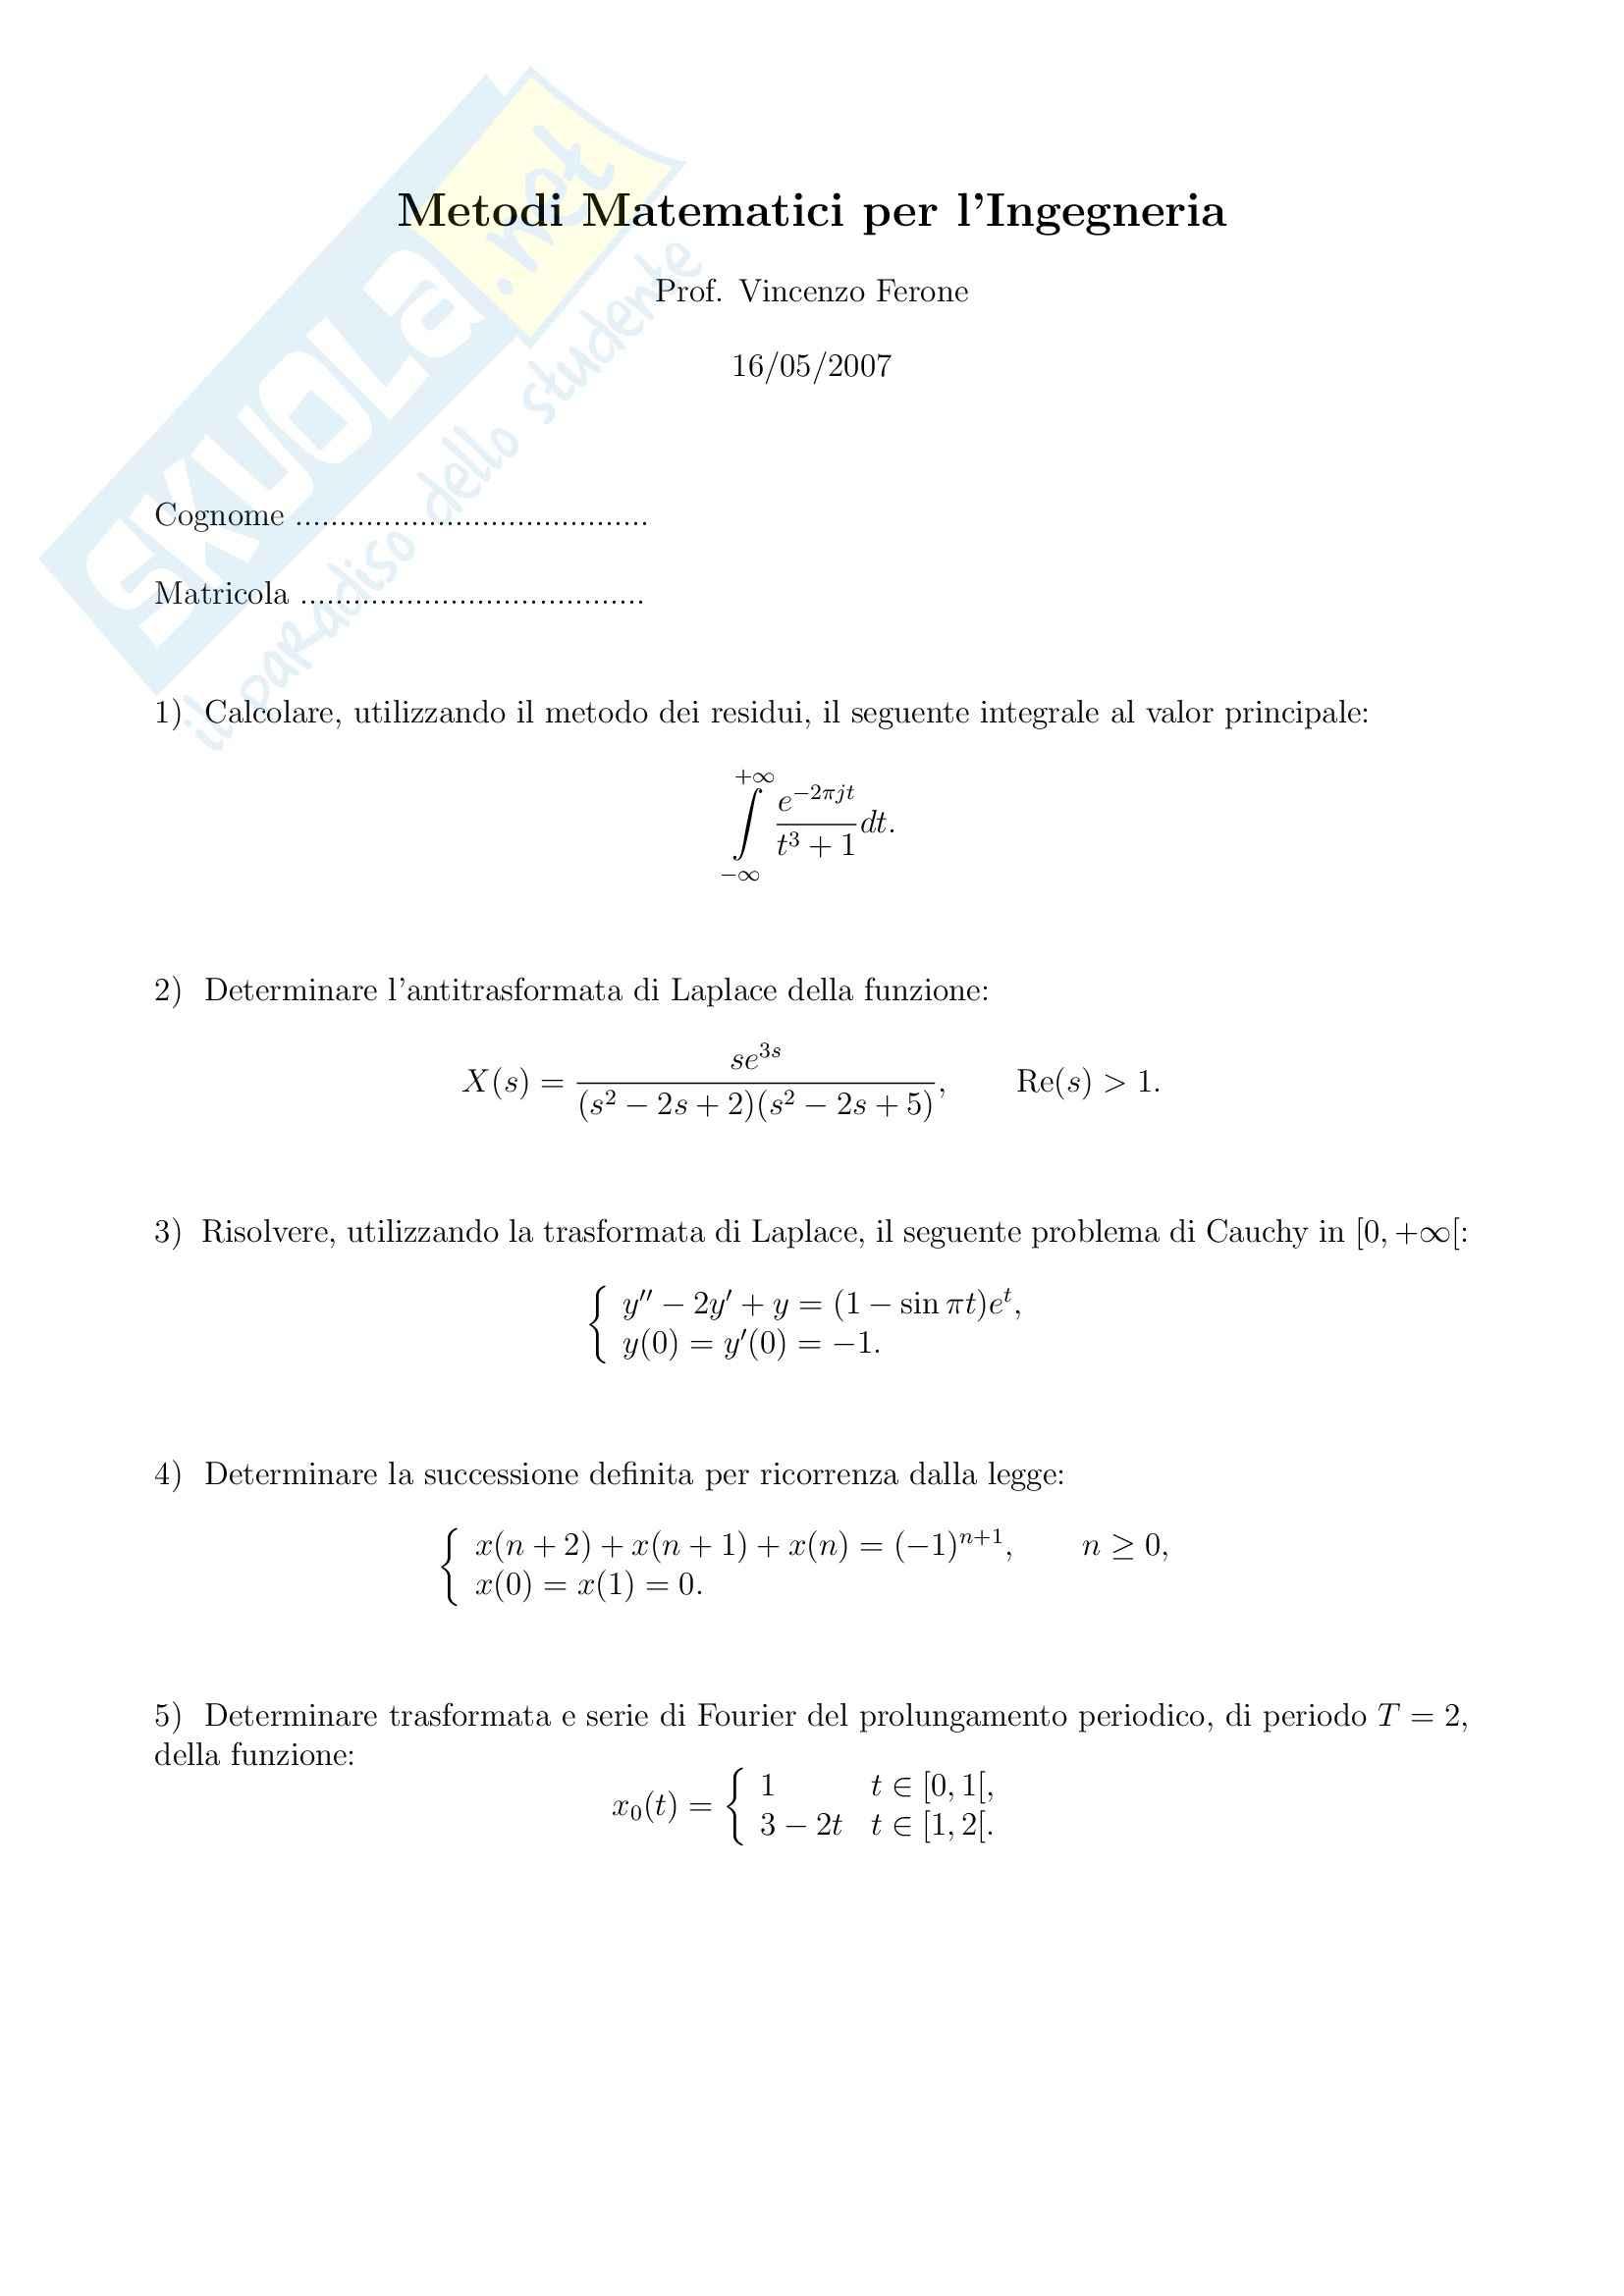 Metodi matematici per l'ingegneria - esercizi